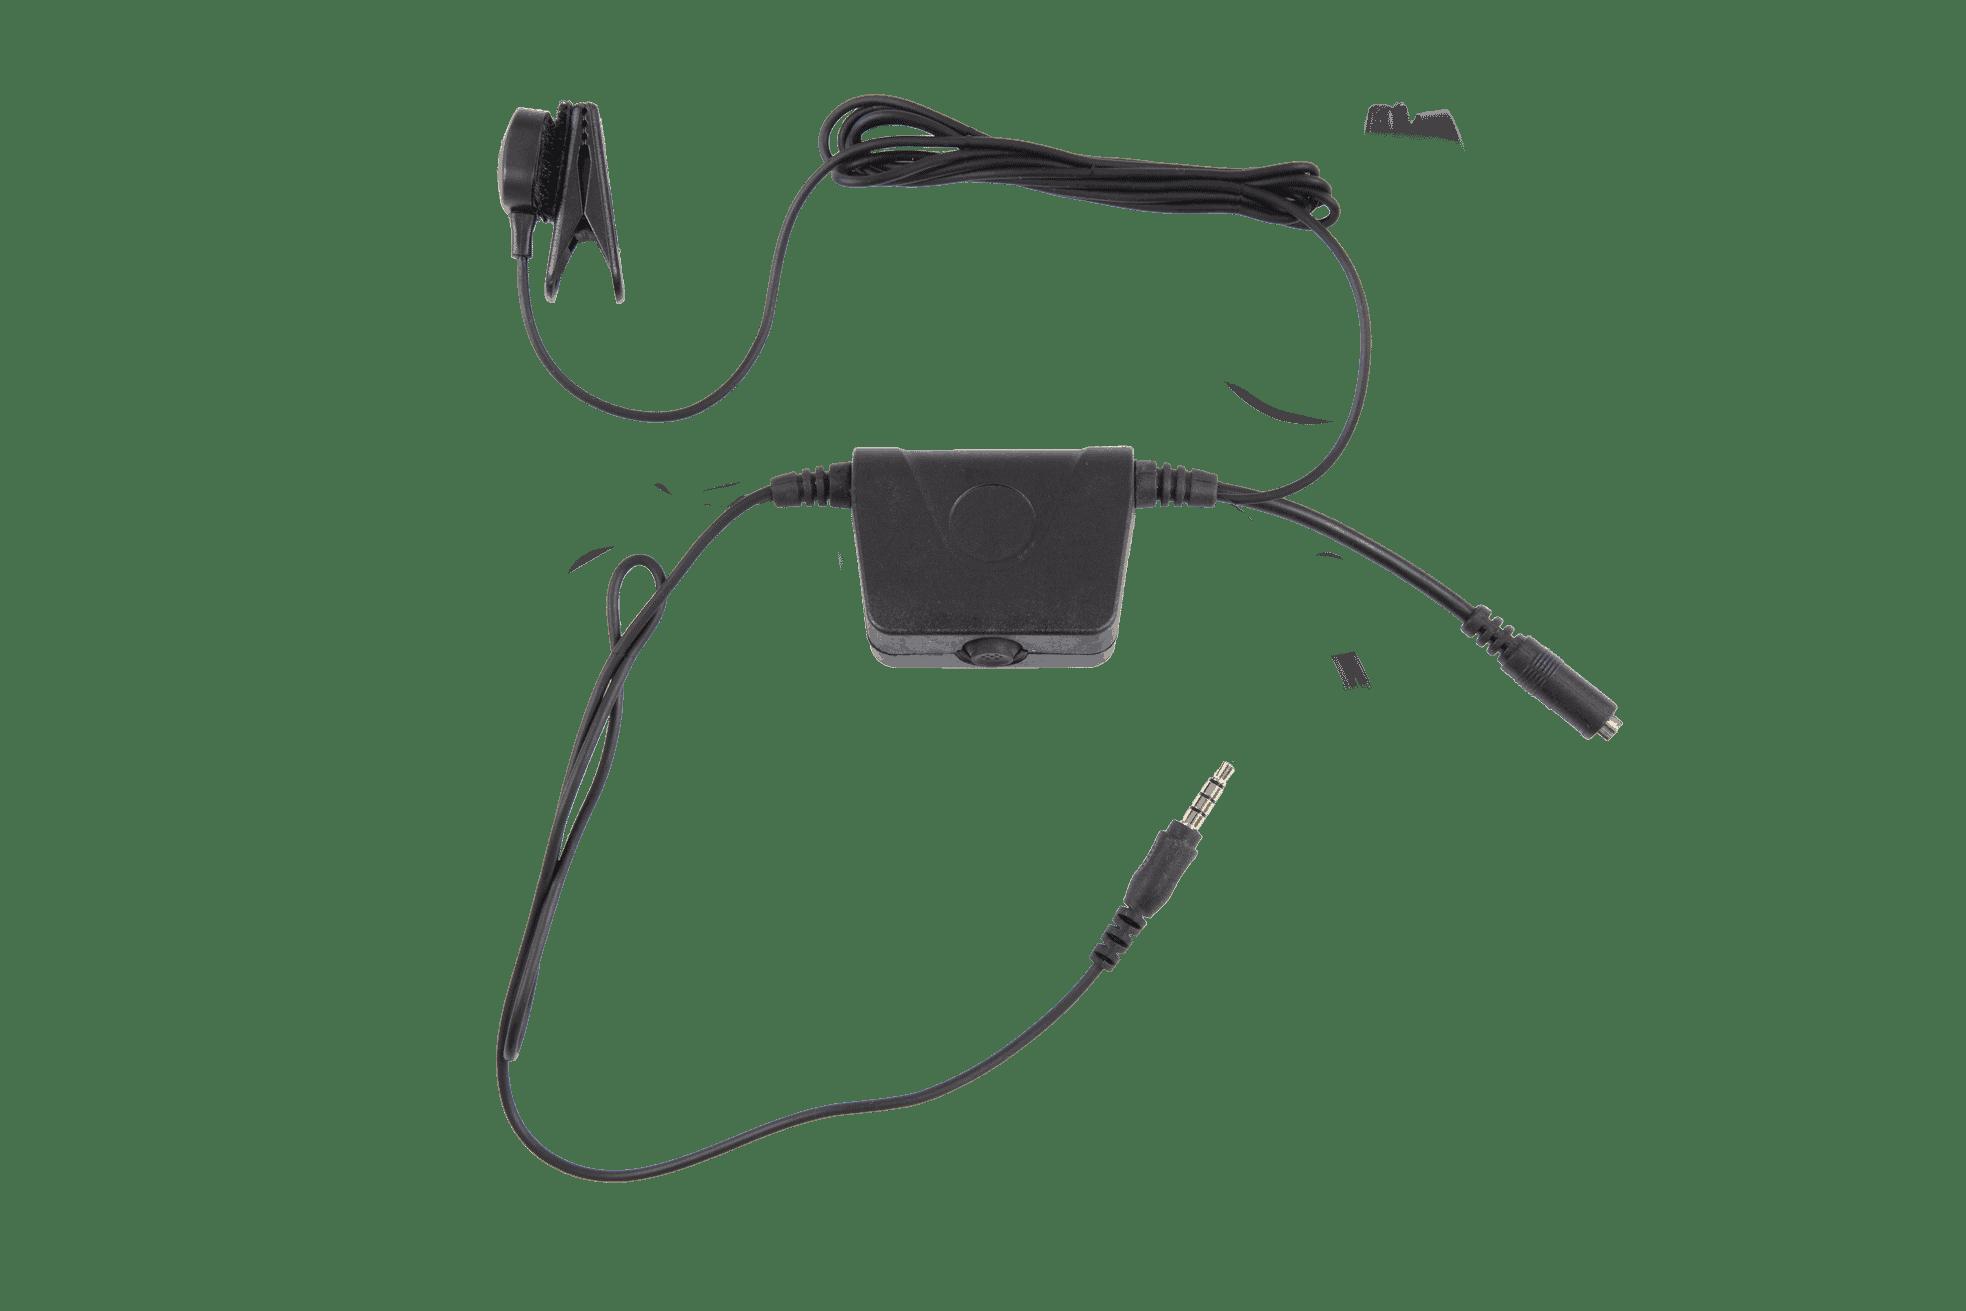 Universal Headset Adapter Ptt Tea Headsets